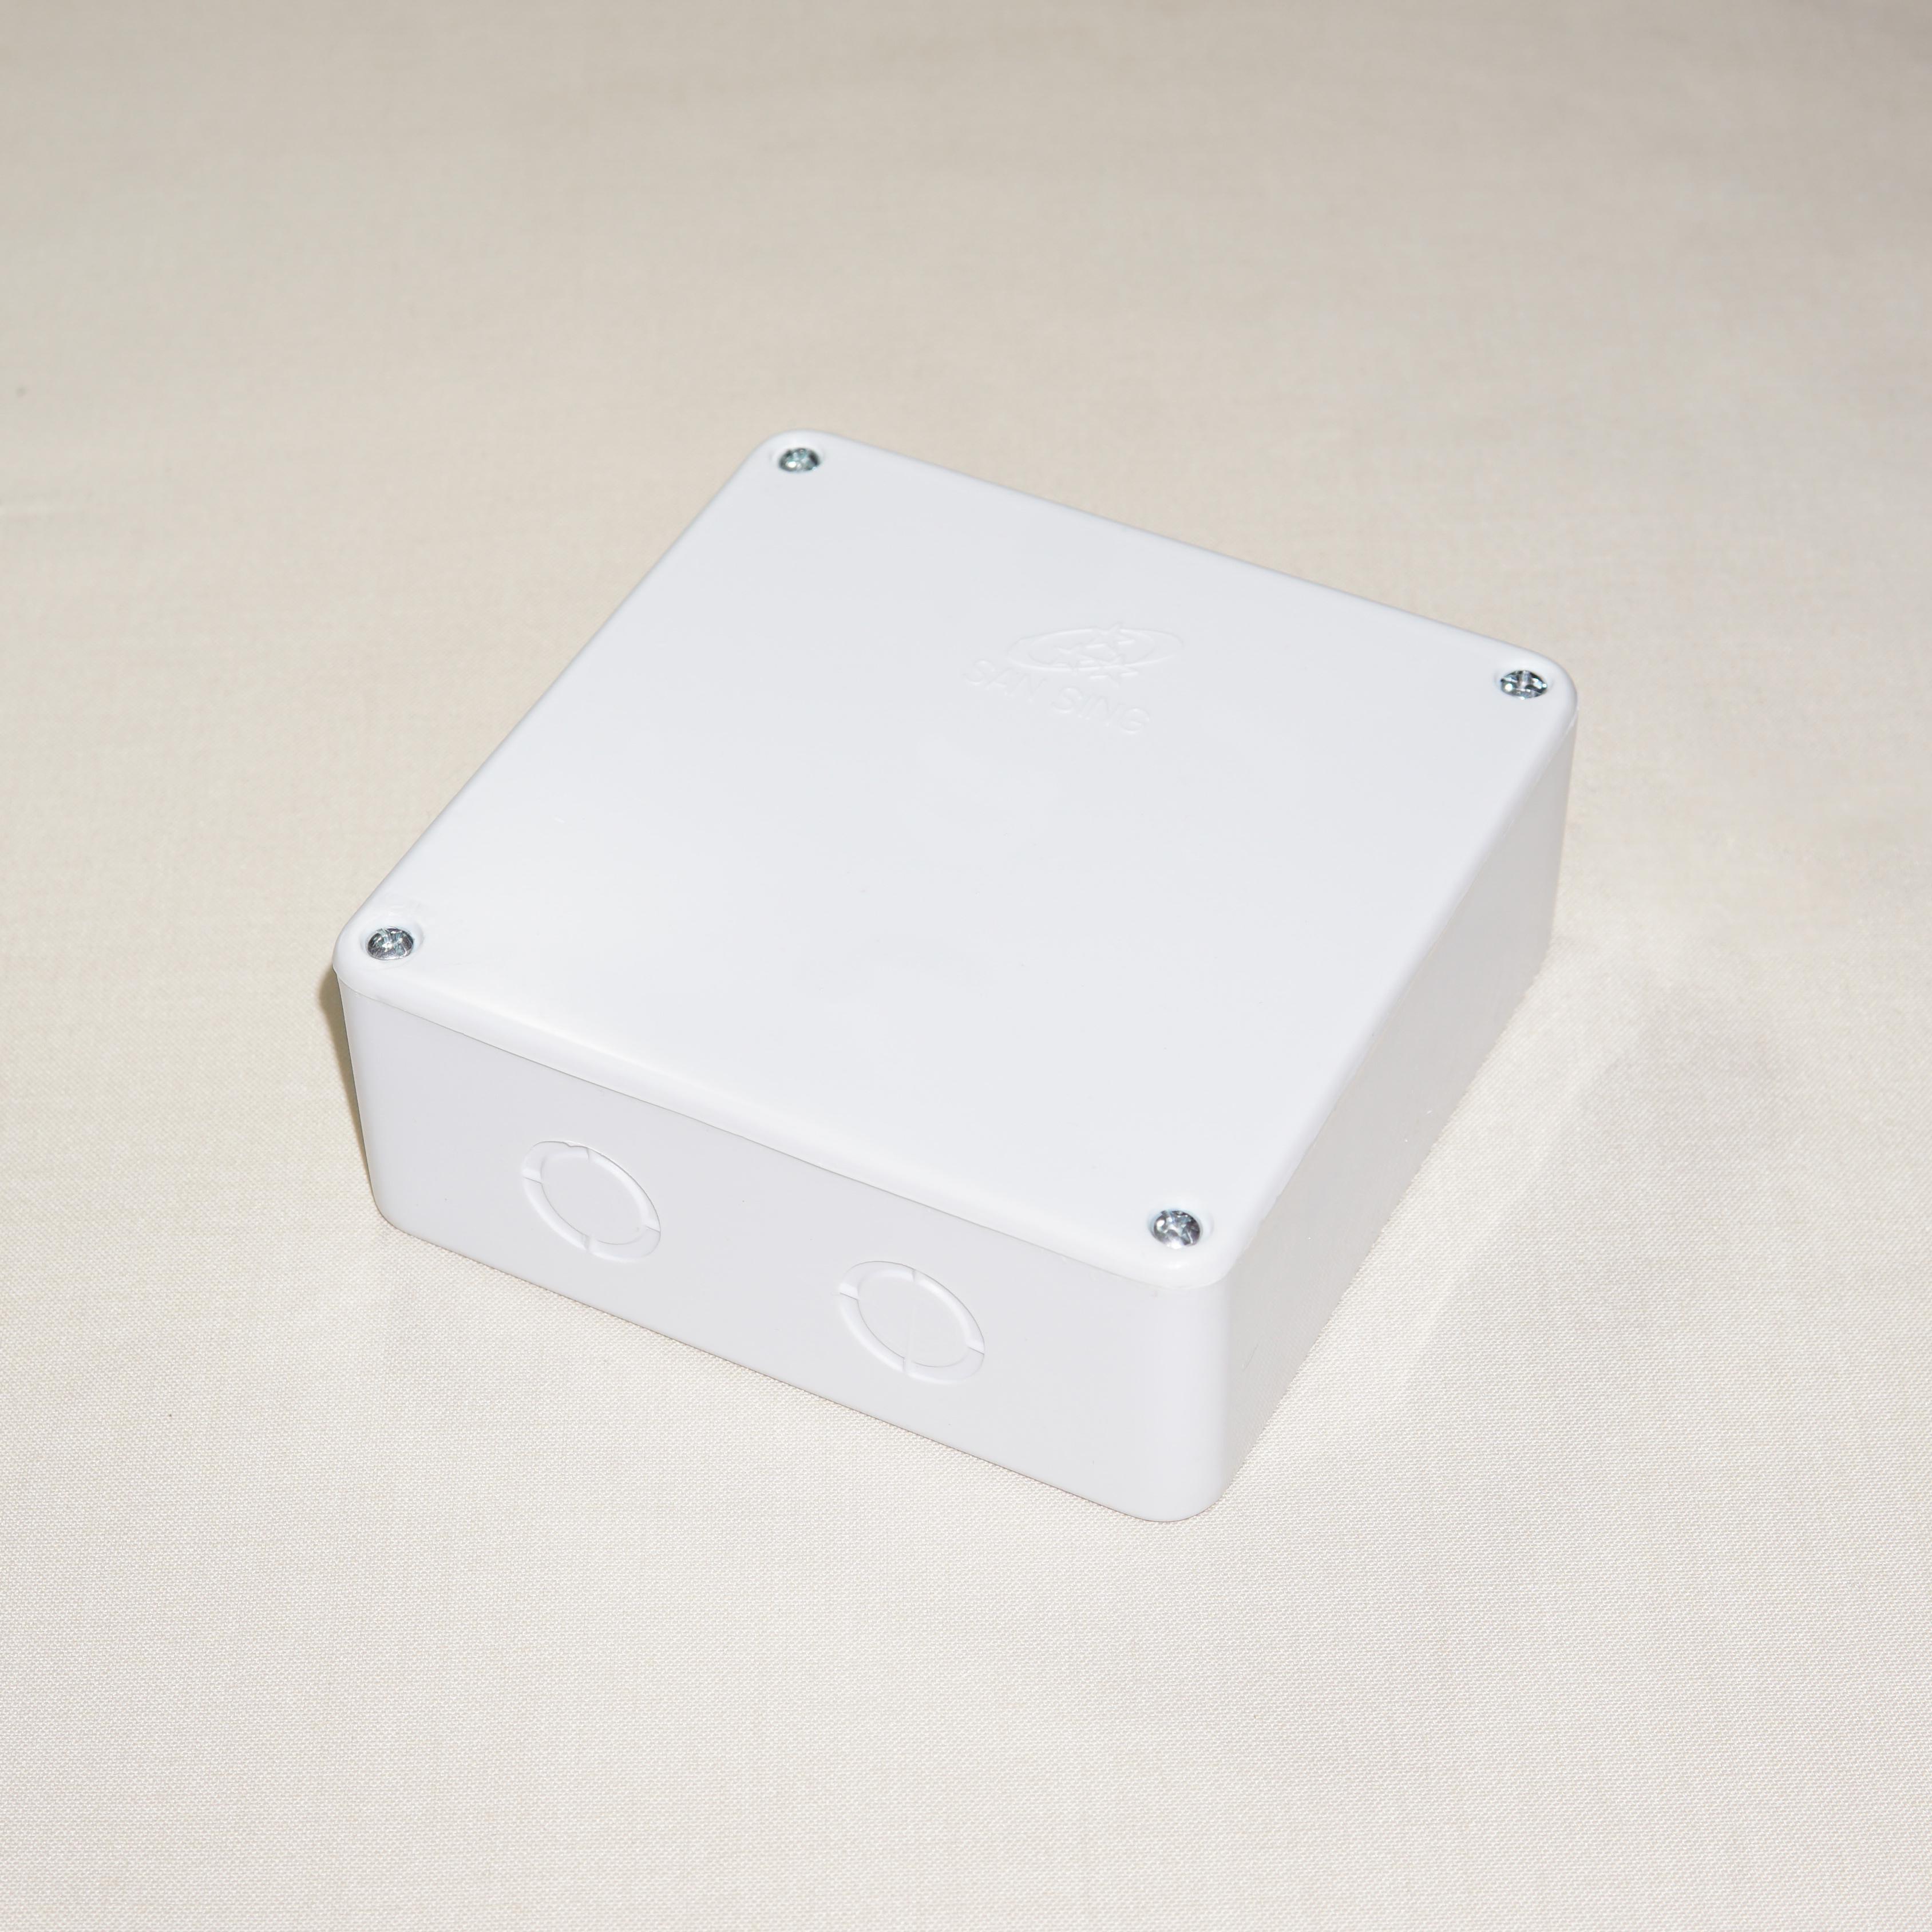 Hộp vuông nối dây <br> (120x120x50)mm